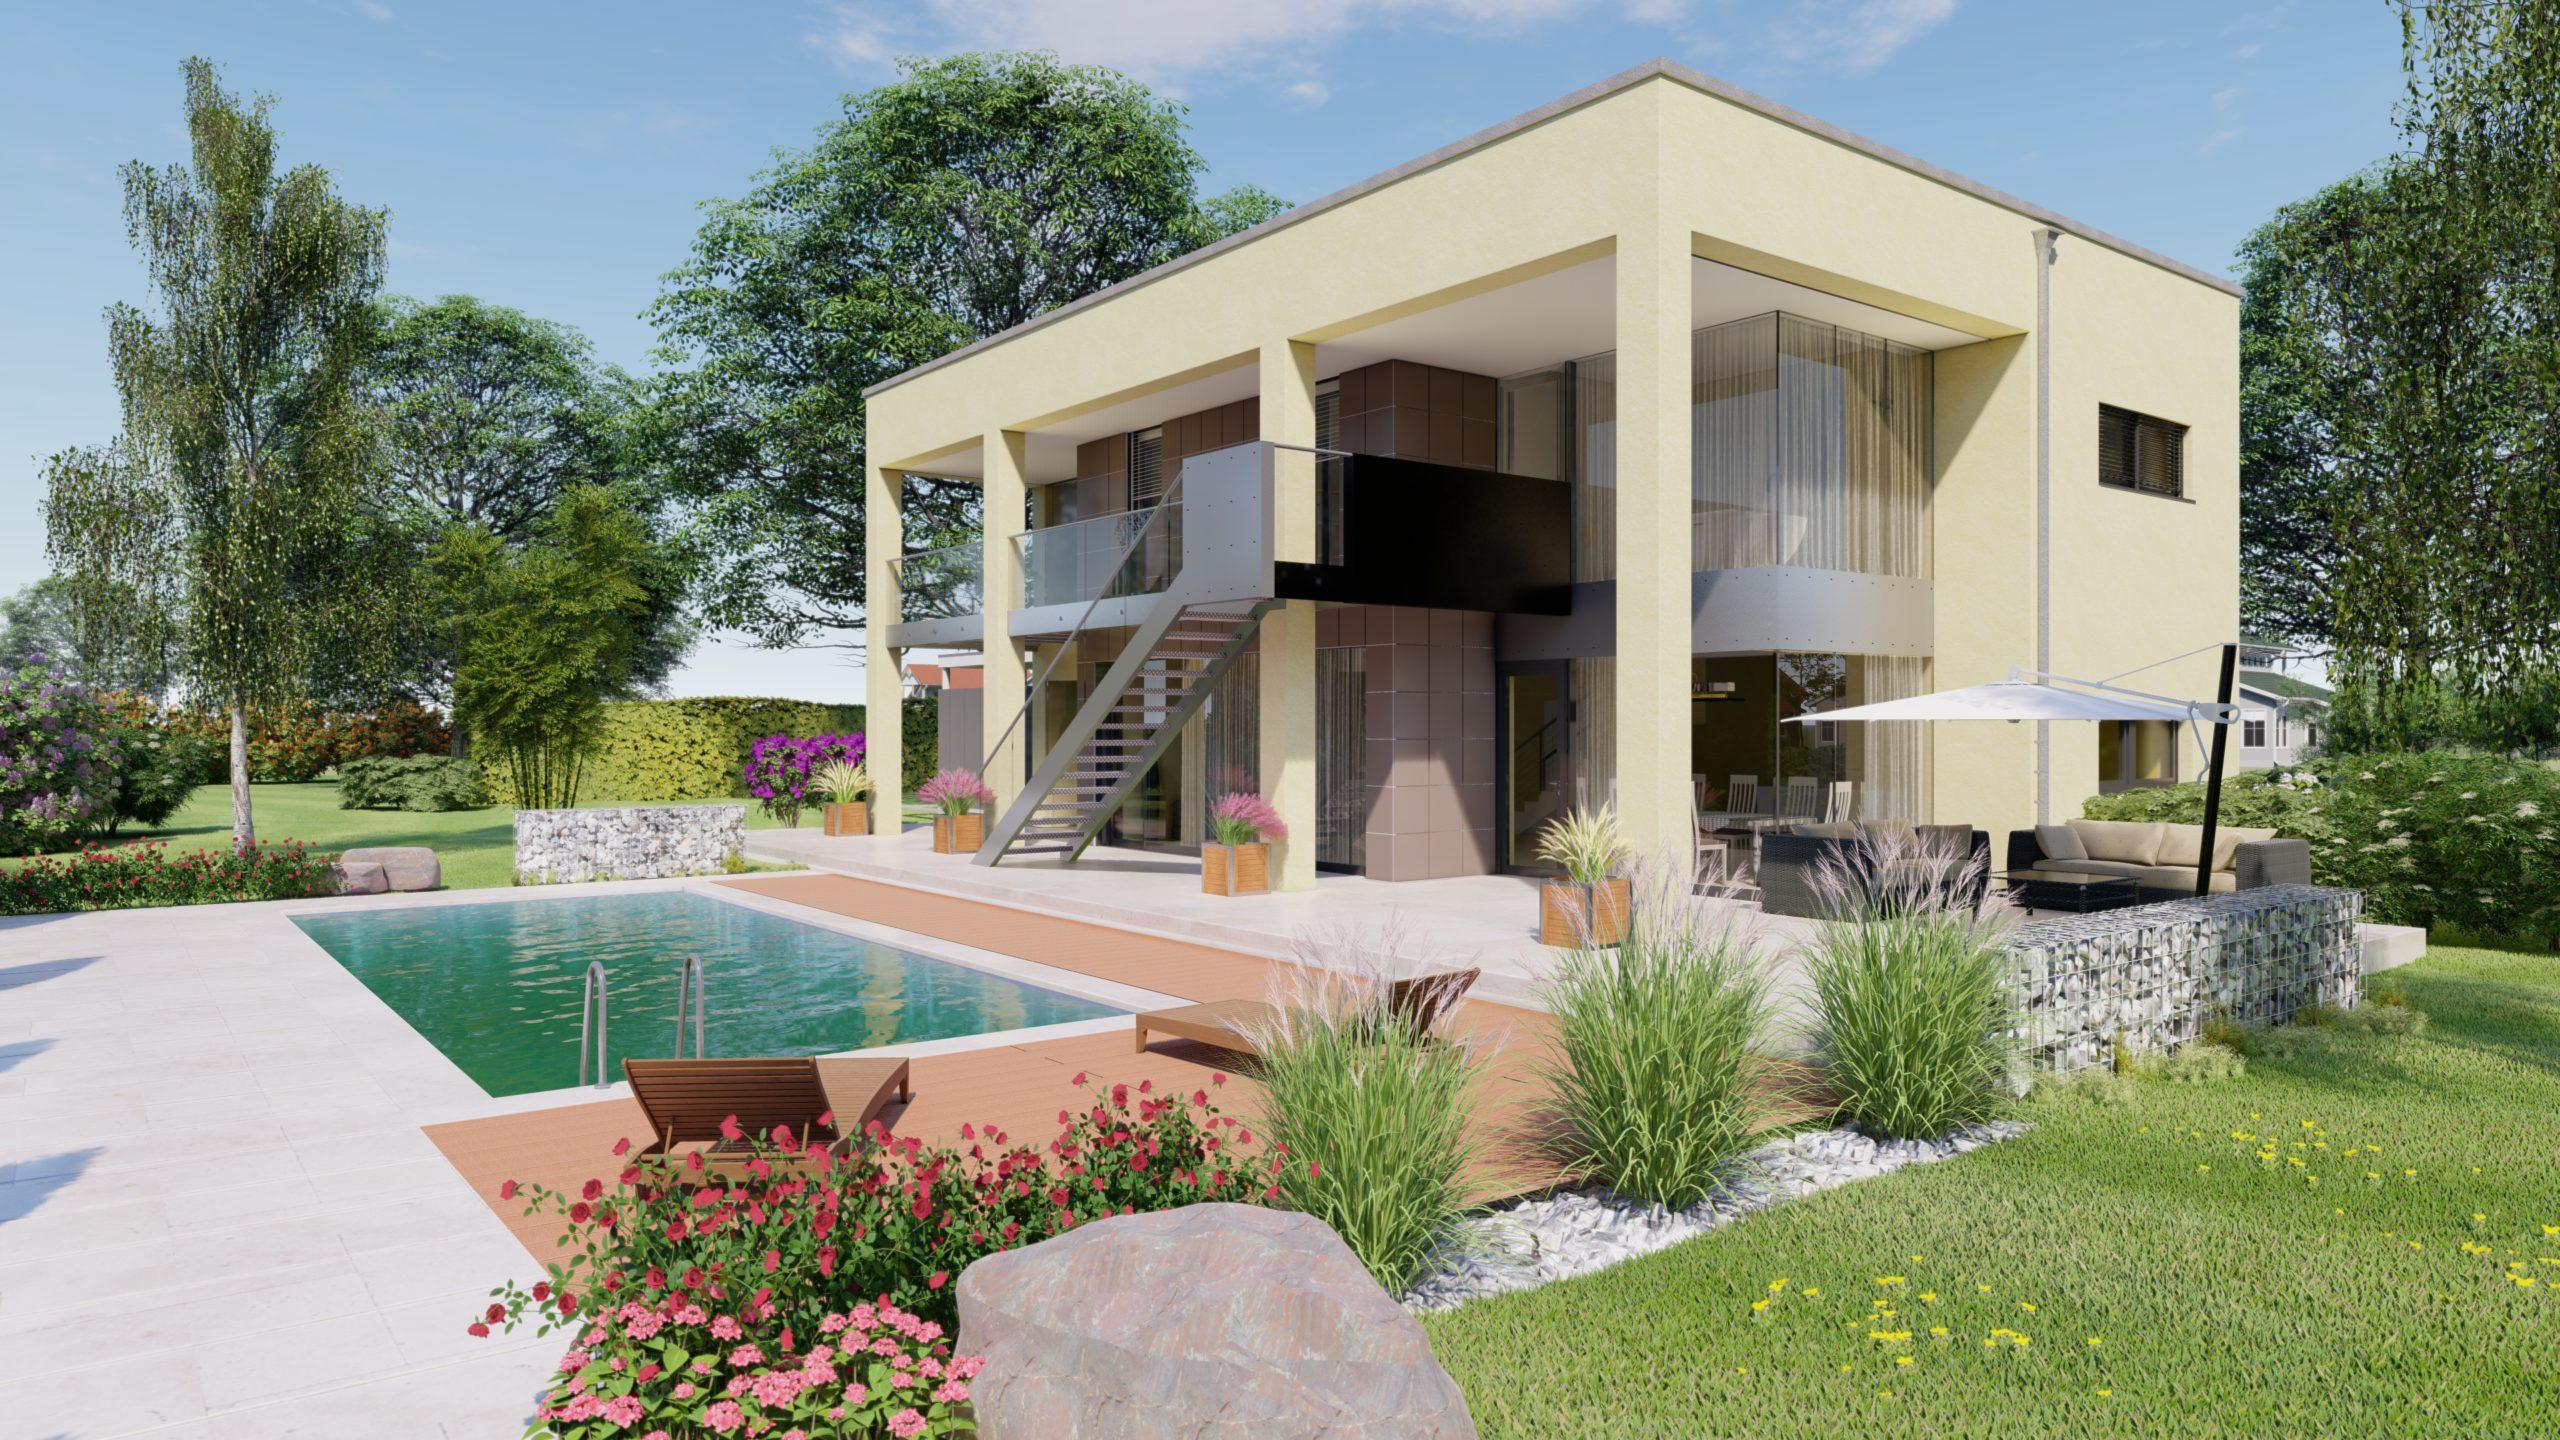 Haus Wien Detailansicht mit Pool